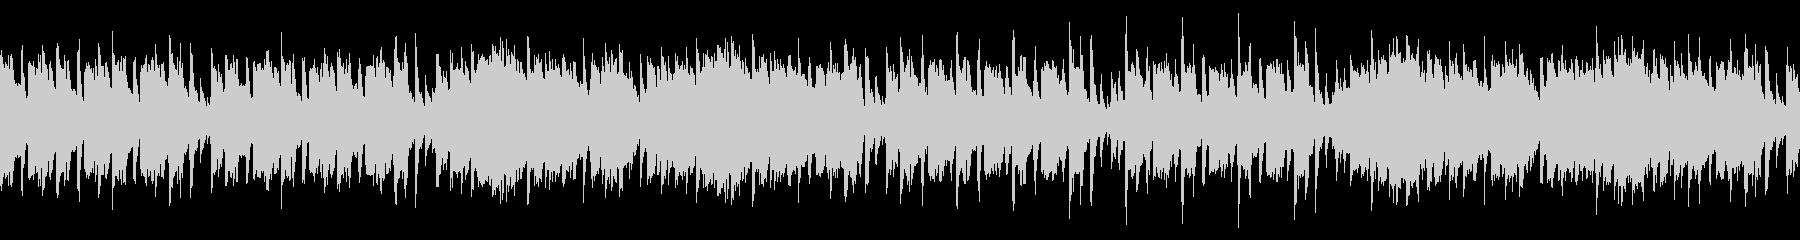 Refreshing violin / quiet karaoke / loop's unreproduced waveform